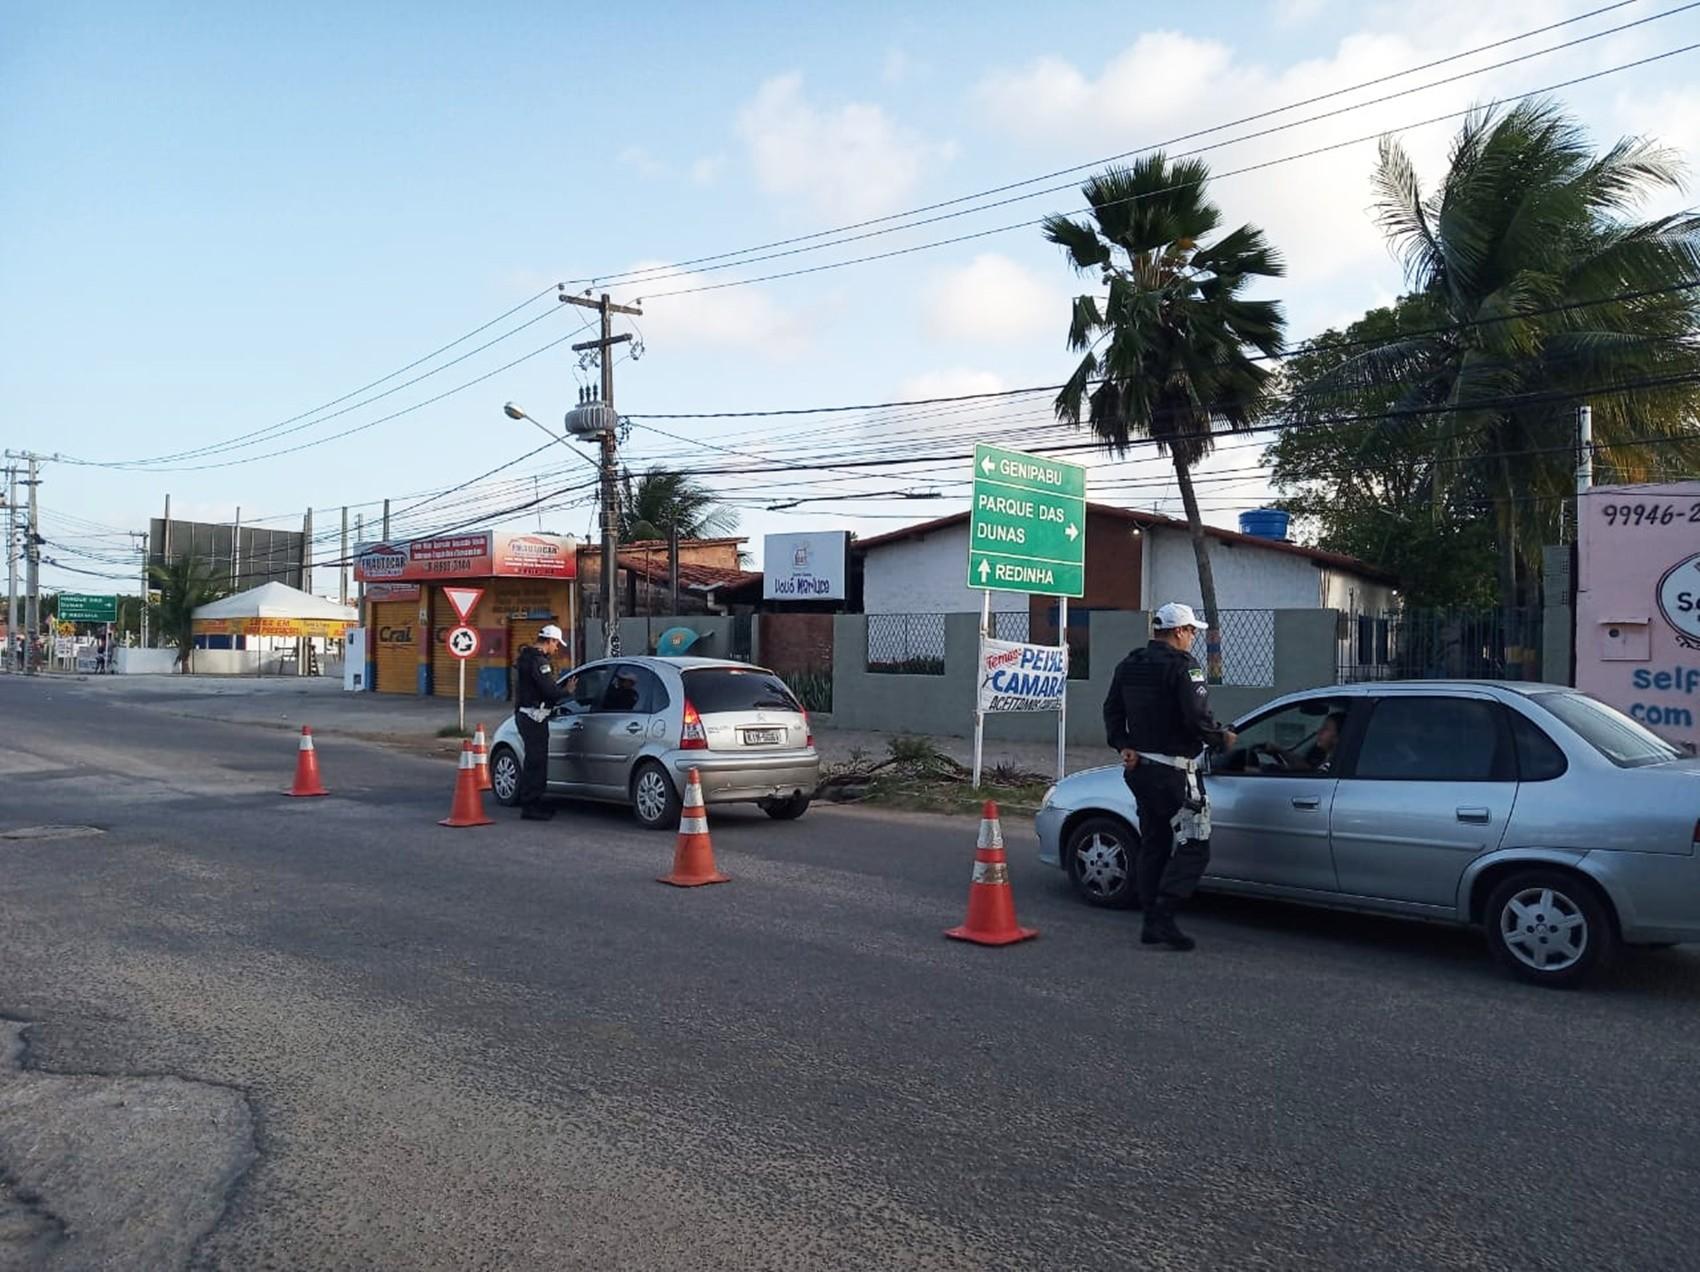 Blitz da Lei Seca autua 47 motoristas na Zona Norte de Natal - Notícias - Plantão Diário